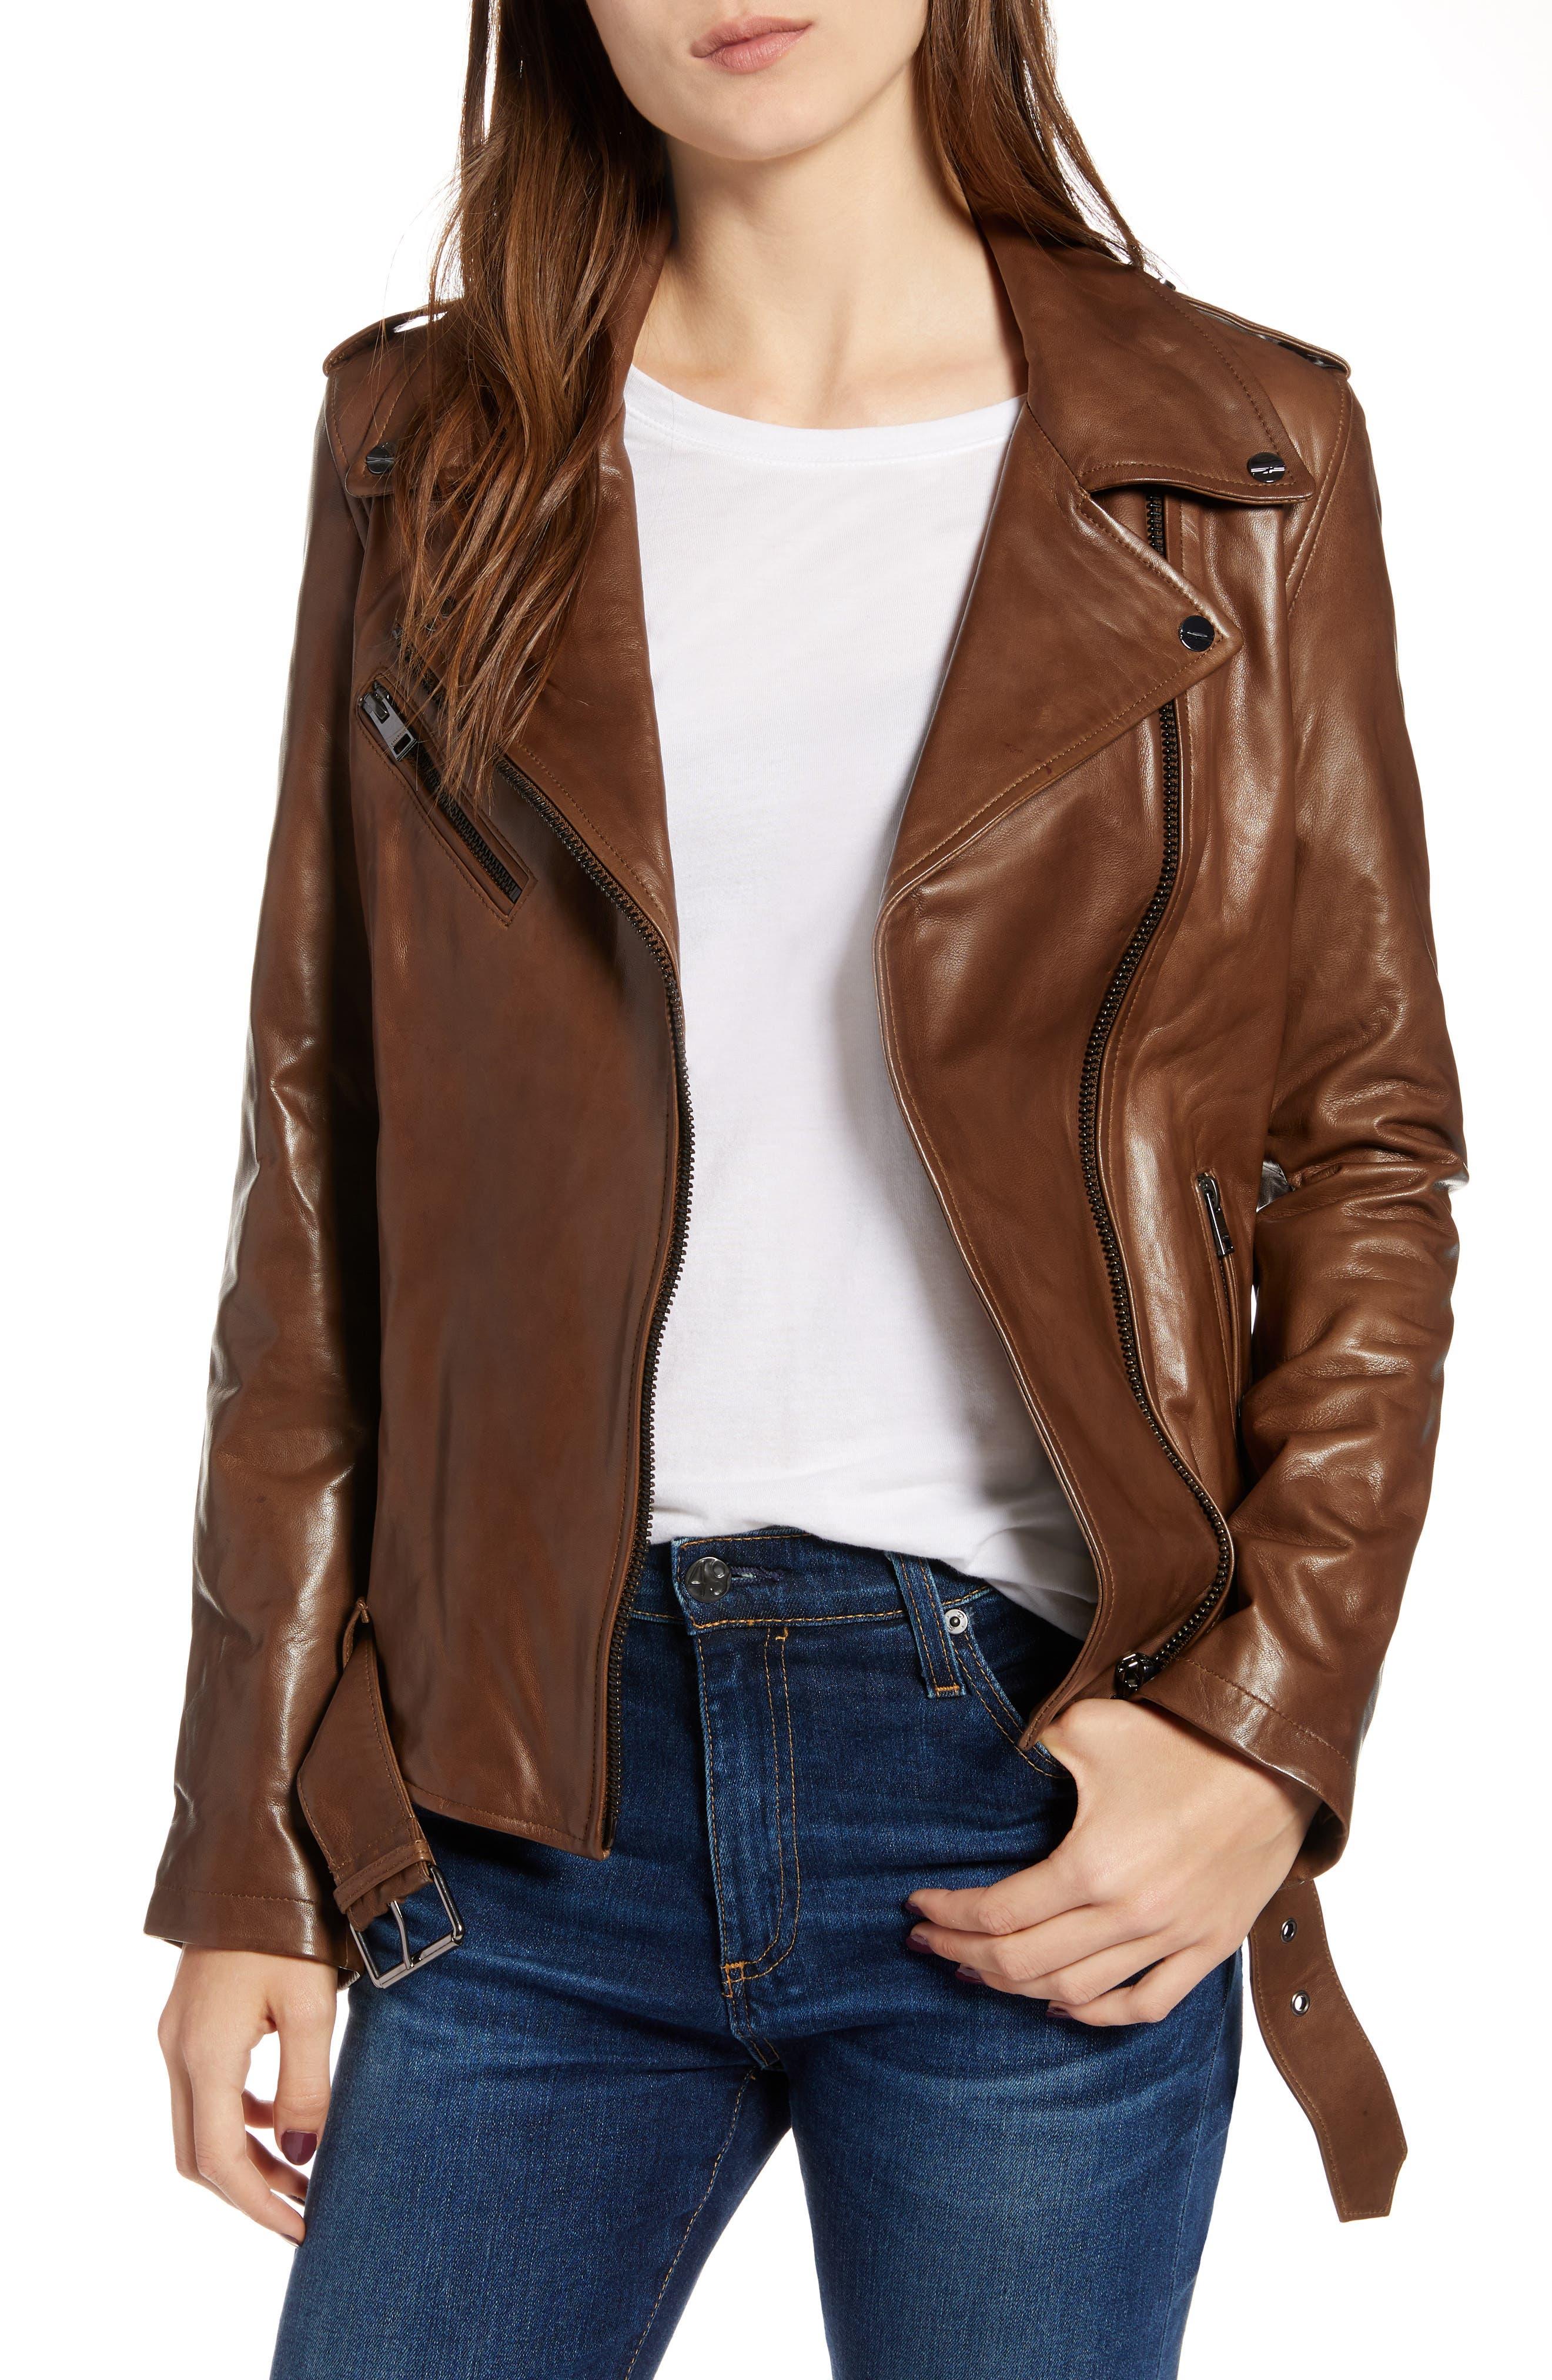 LAMARQUE Belted Leather Biker Jacket in Dark Sand